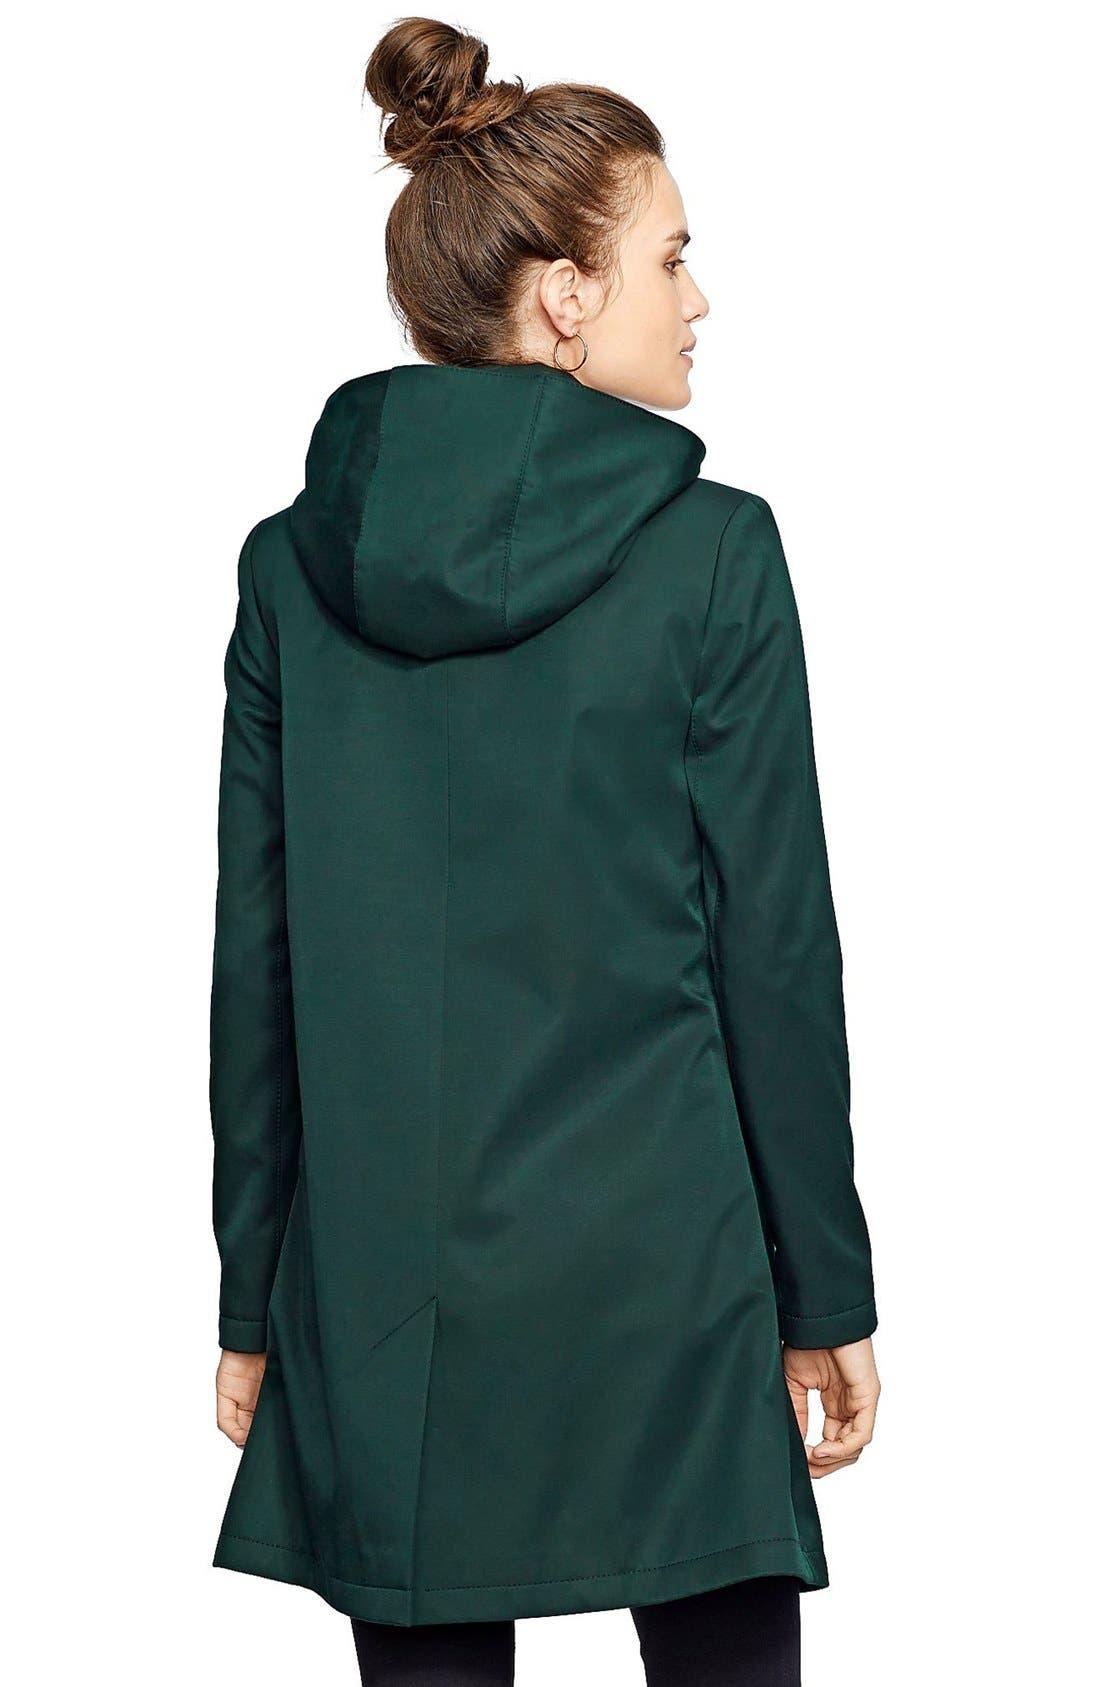 Alternate Image 2  - Lauren Ralph Lauren A-Line Raincoat (Regular & Petite) (Nordstrom Exclusive)